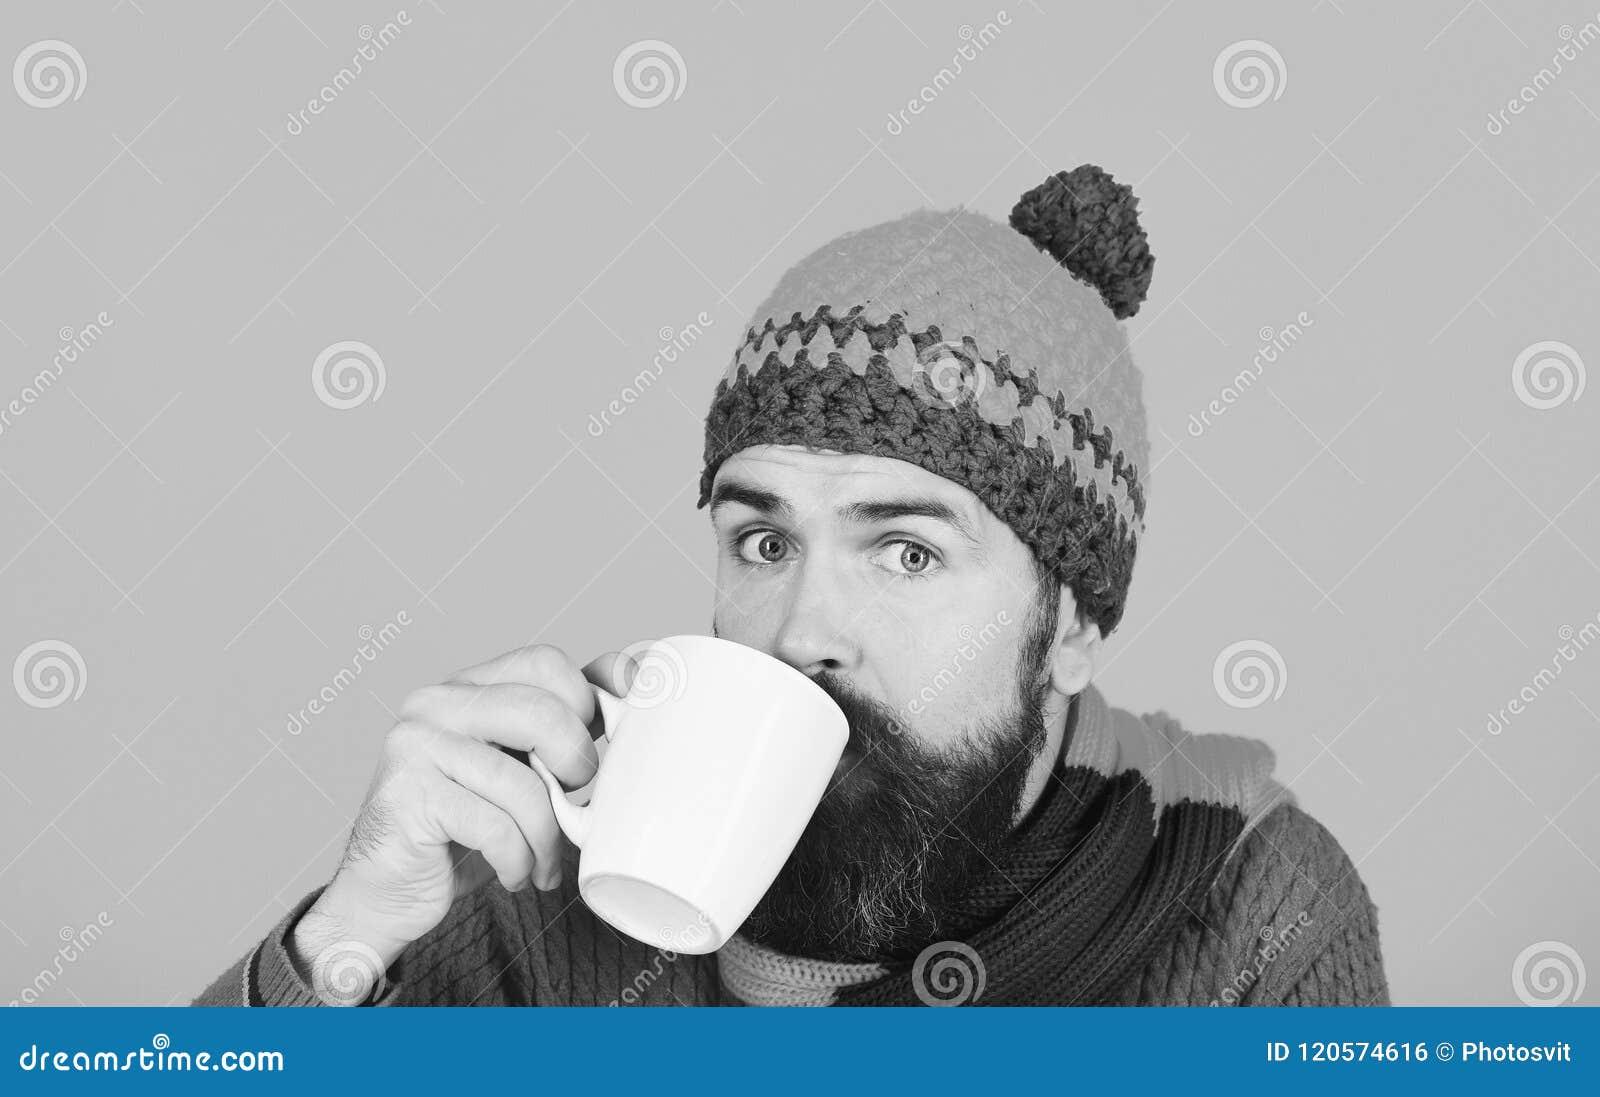 Έννοια barista καφέ και σπιτιών φθινοπώρου Caffeinated ή decaf ιδέα ποτών Άτομο στο θερμό καπέλο